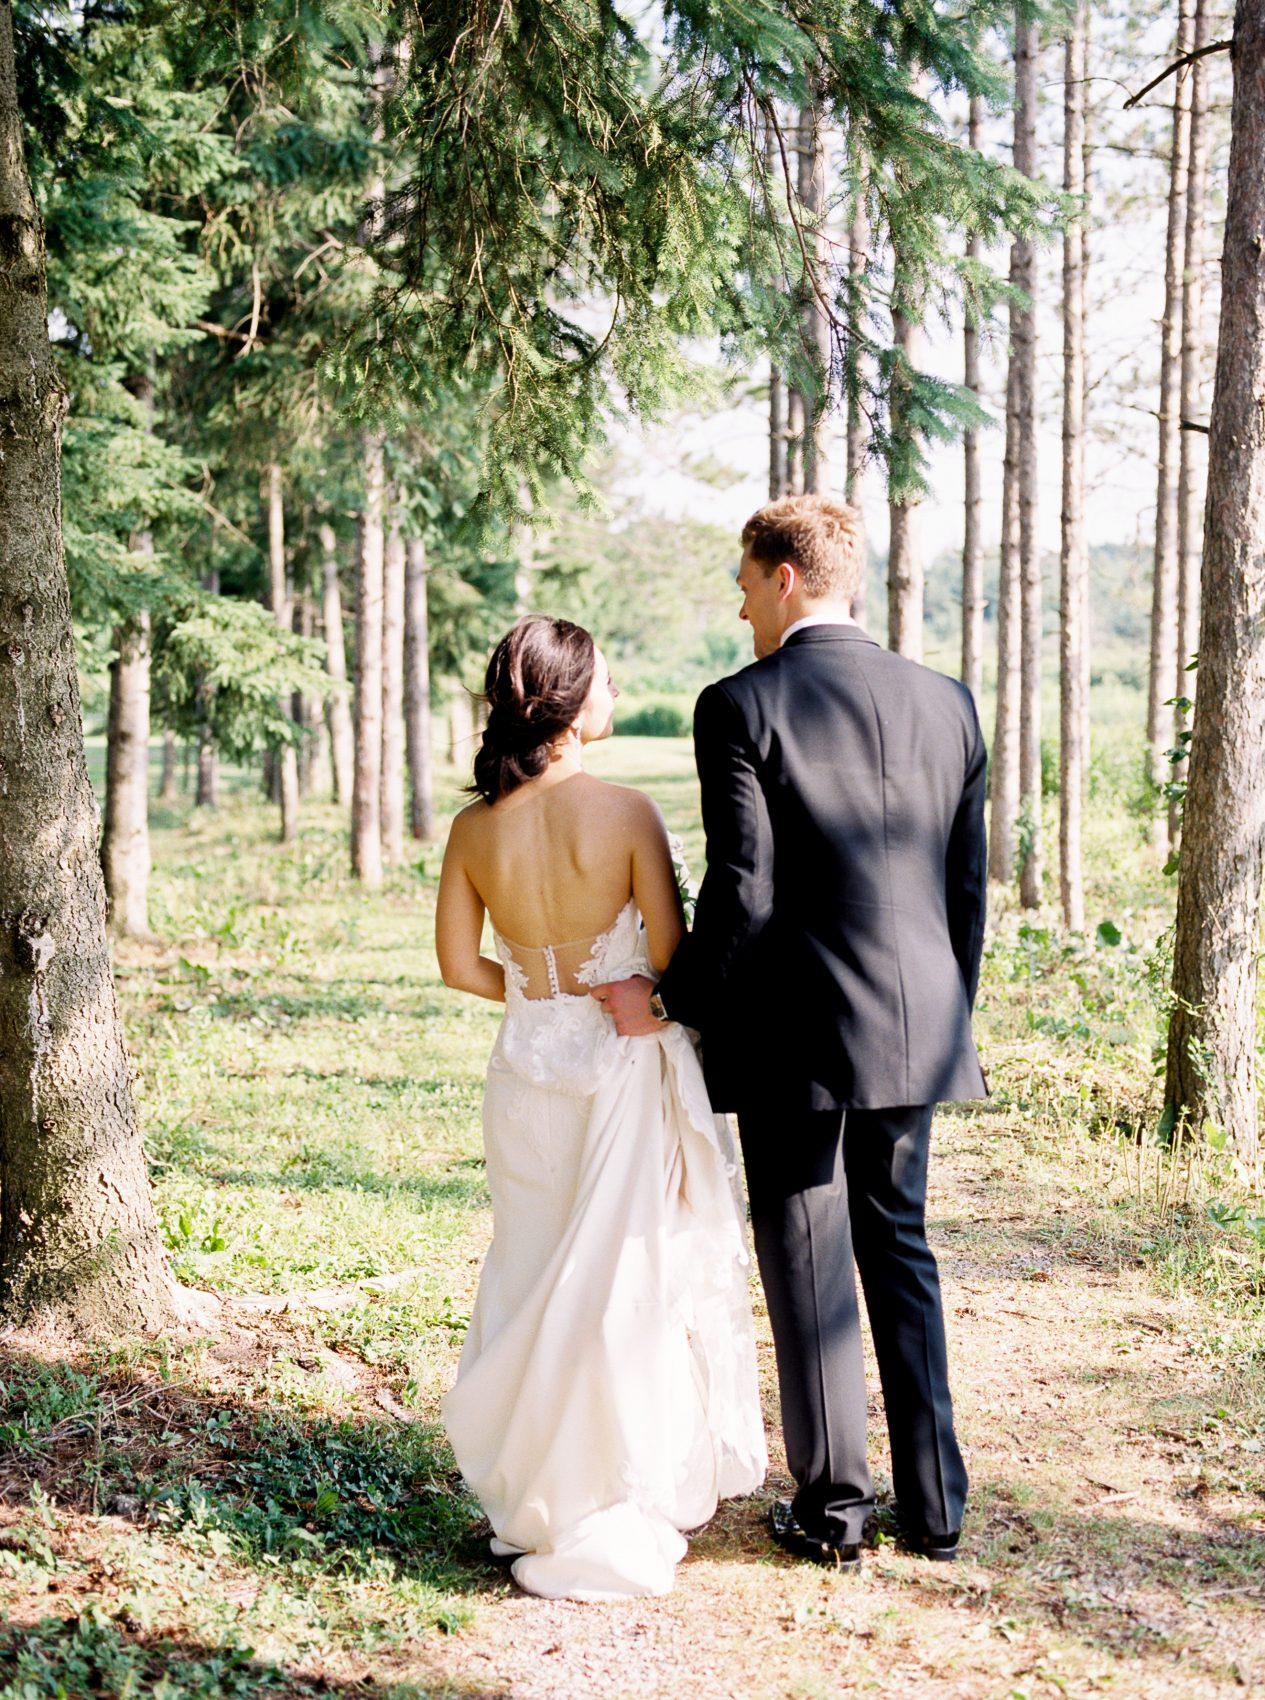 film wedding photographer, royal ashburn wedding, durham region wedding venues